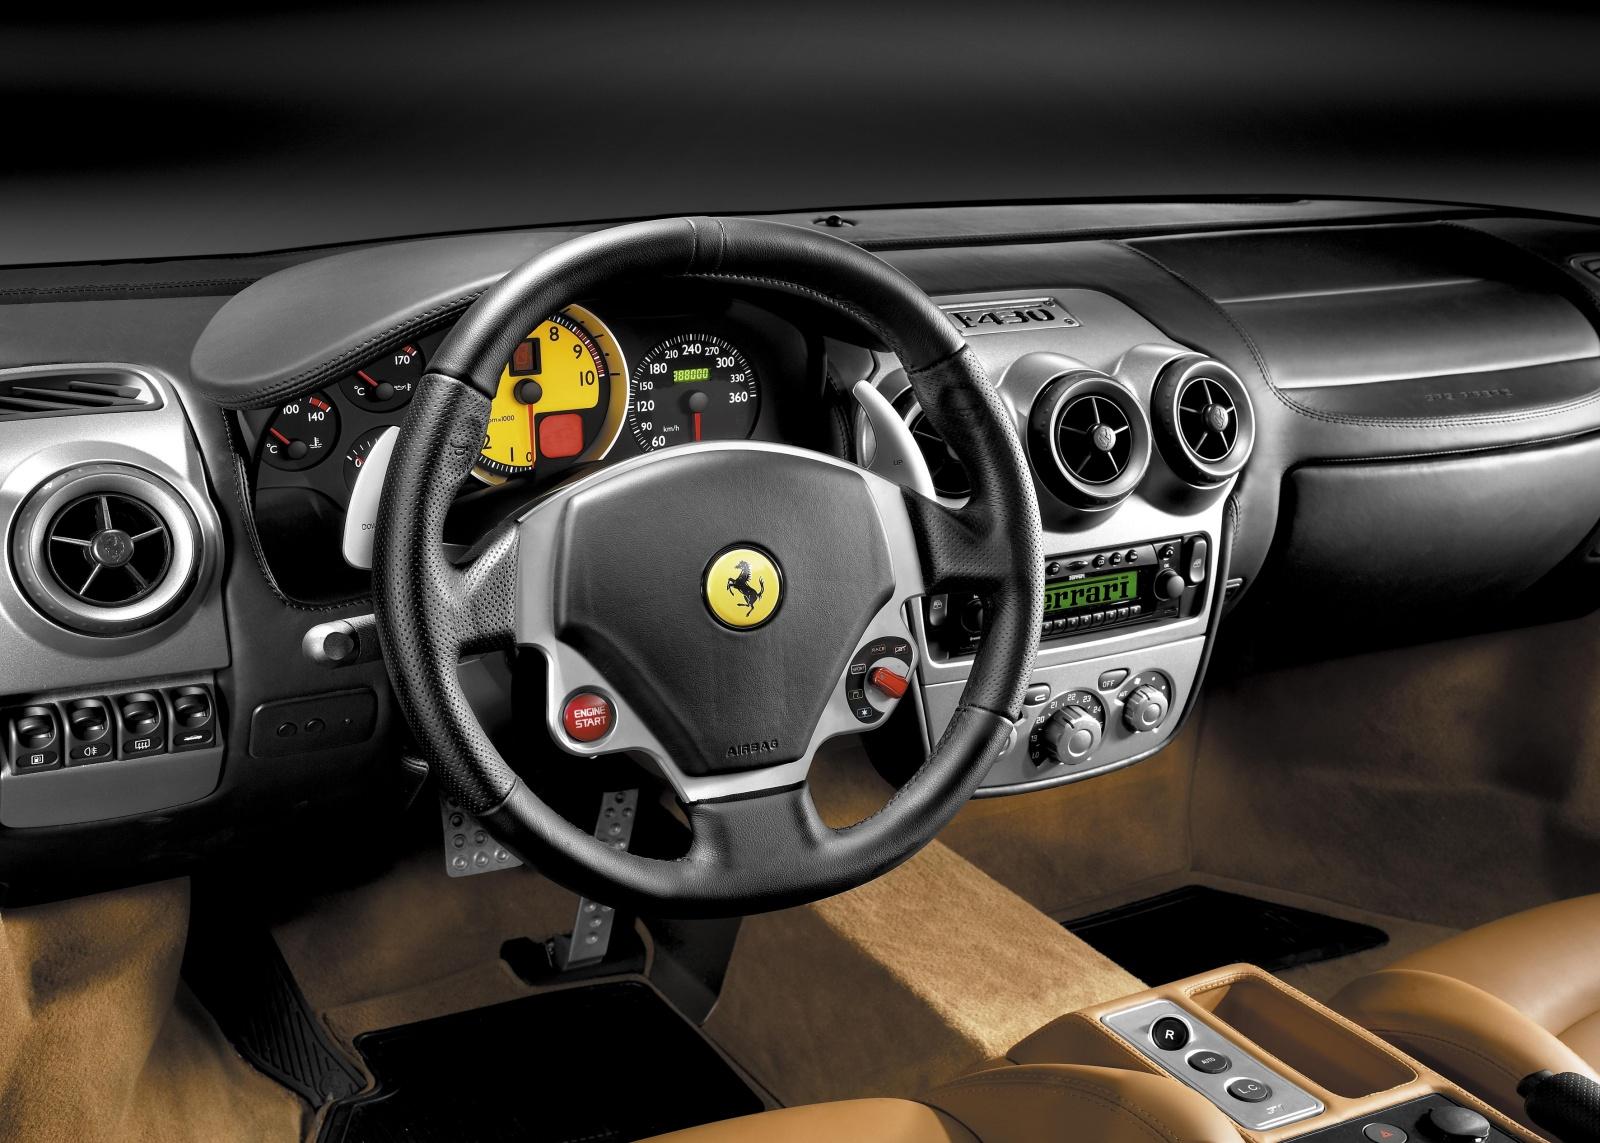 Ferrari F430 - tablica rozdzielcza, wnętrze